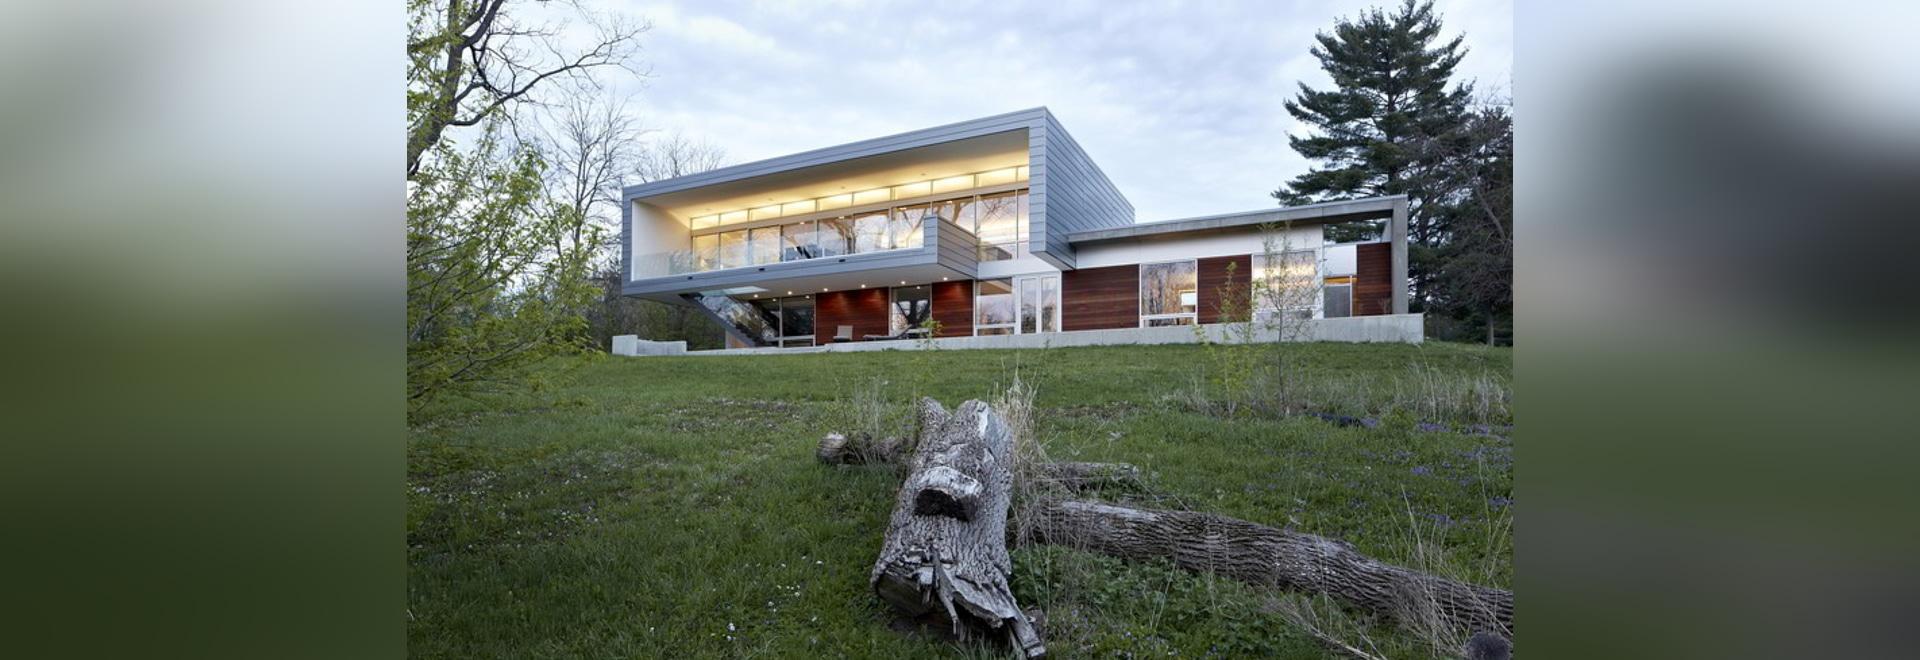 Studiohaltarchitekten entwirft vertrautes Flussansichthaus in ...